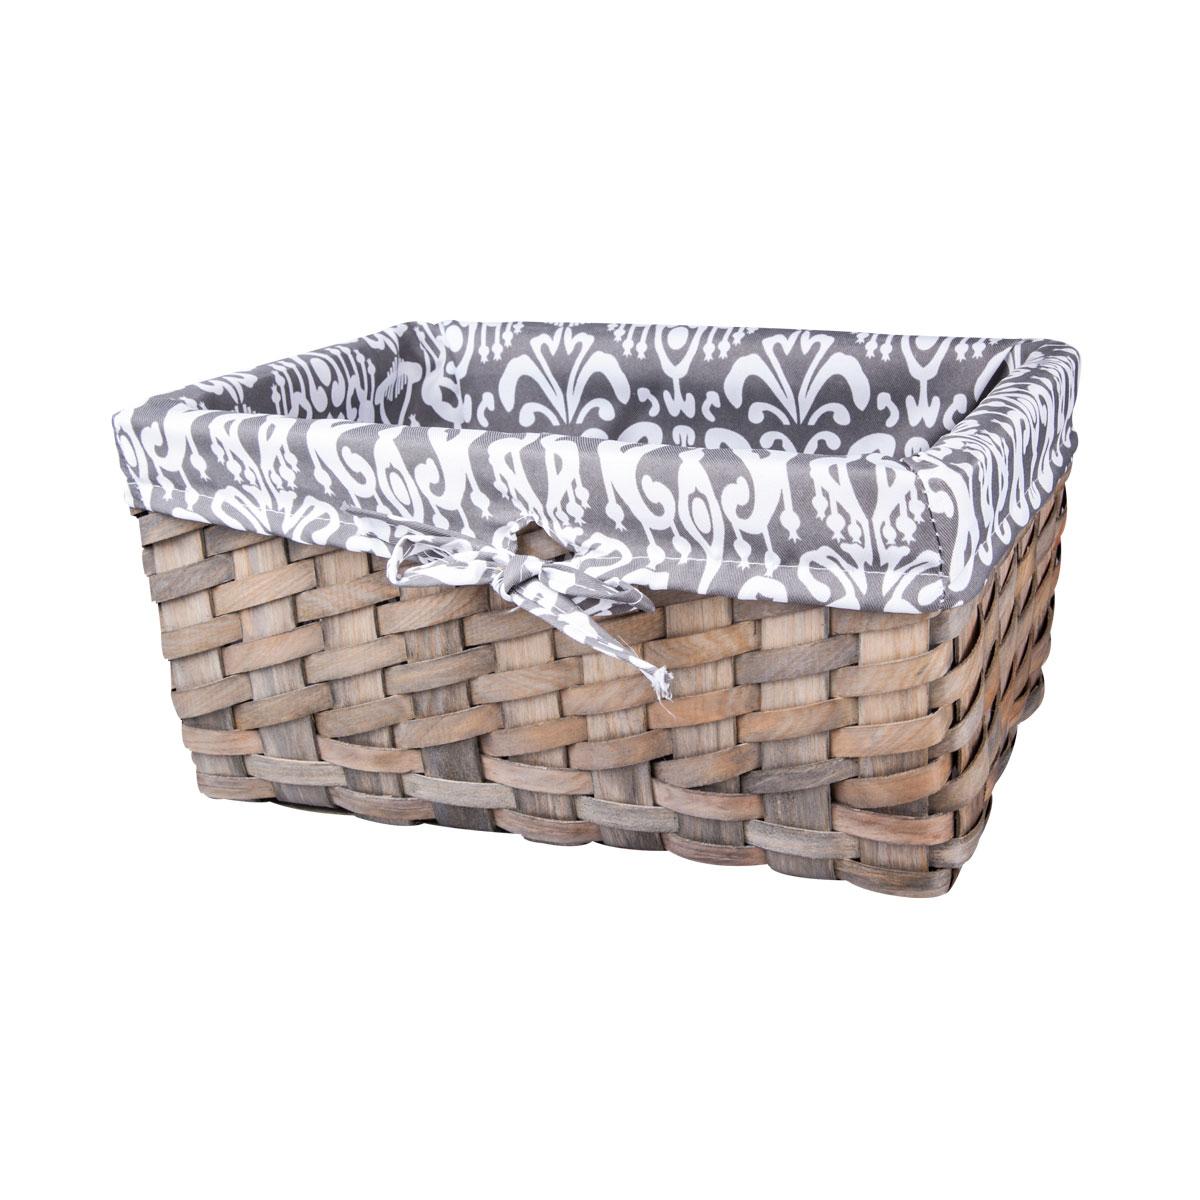 Корзина плетеная Miolla, 32 х 21 х 15 смQL400435-MЛучшее решение для хранения вещей - корзина для хранения Miolla. Экономьте полезное пространство своего дома, уберите ненужные вещи в удобную корзину и используйте ее для хранения дорогих сердцу вещей, которые нужно сберечь в целости и сохранности. Корзина изготовлена из дерева. Специальные отверстия на стенках создают идеальные условия для проветривания. Размер корзины: 32 х 21 х 15 см.